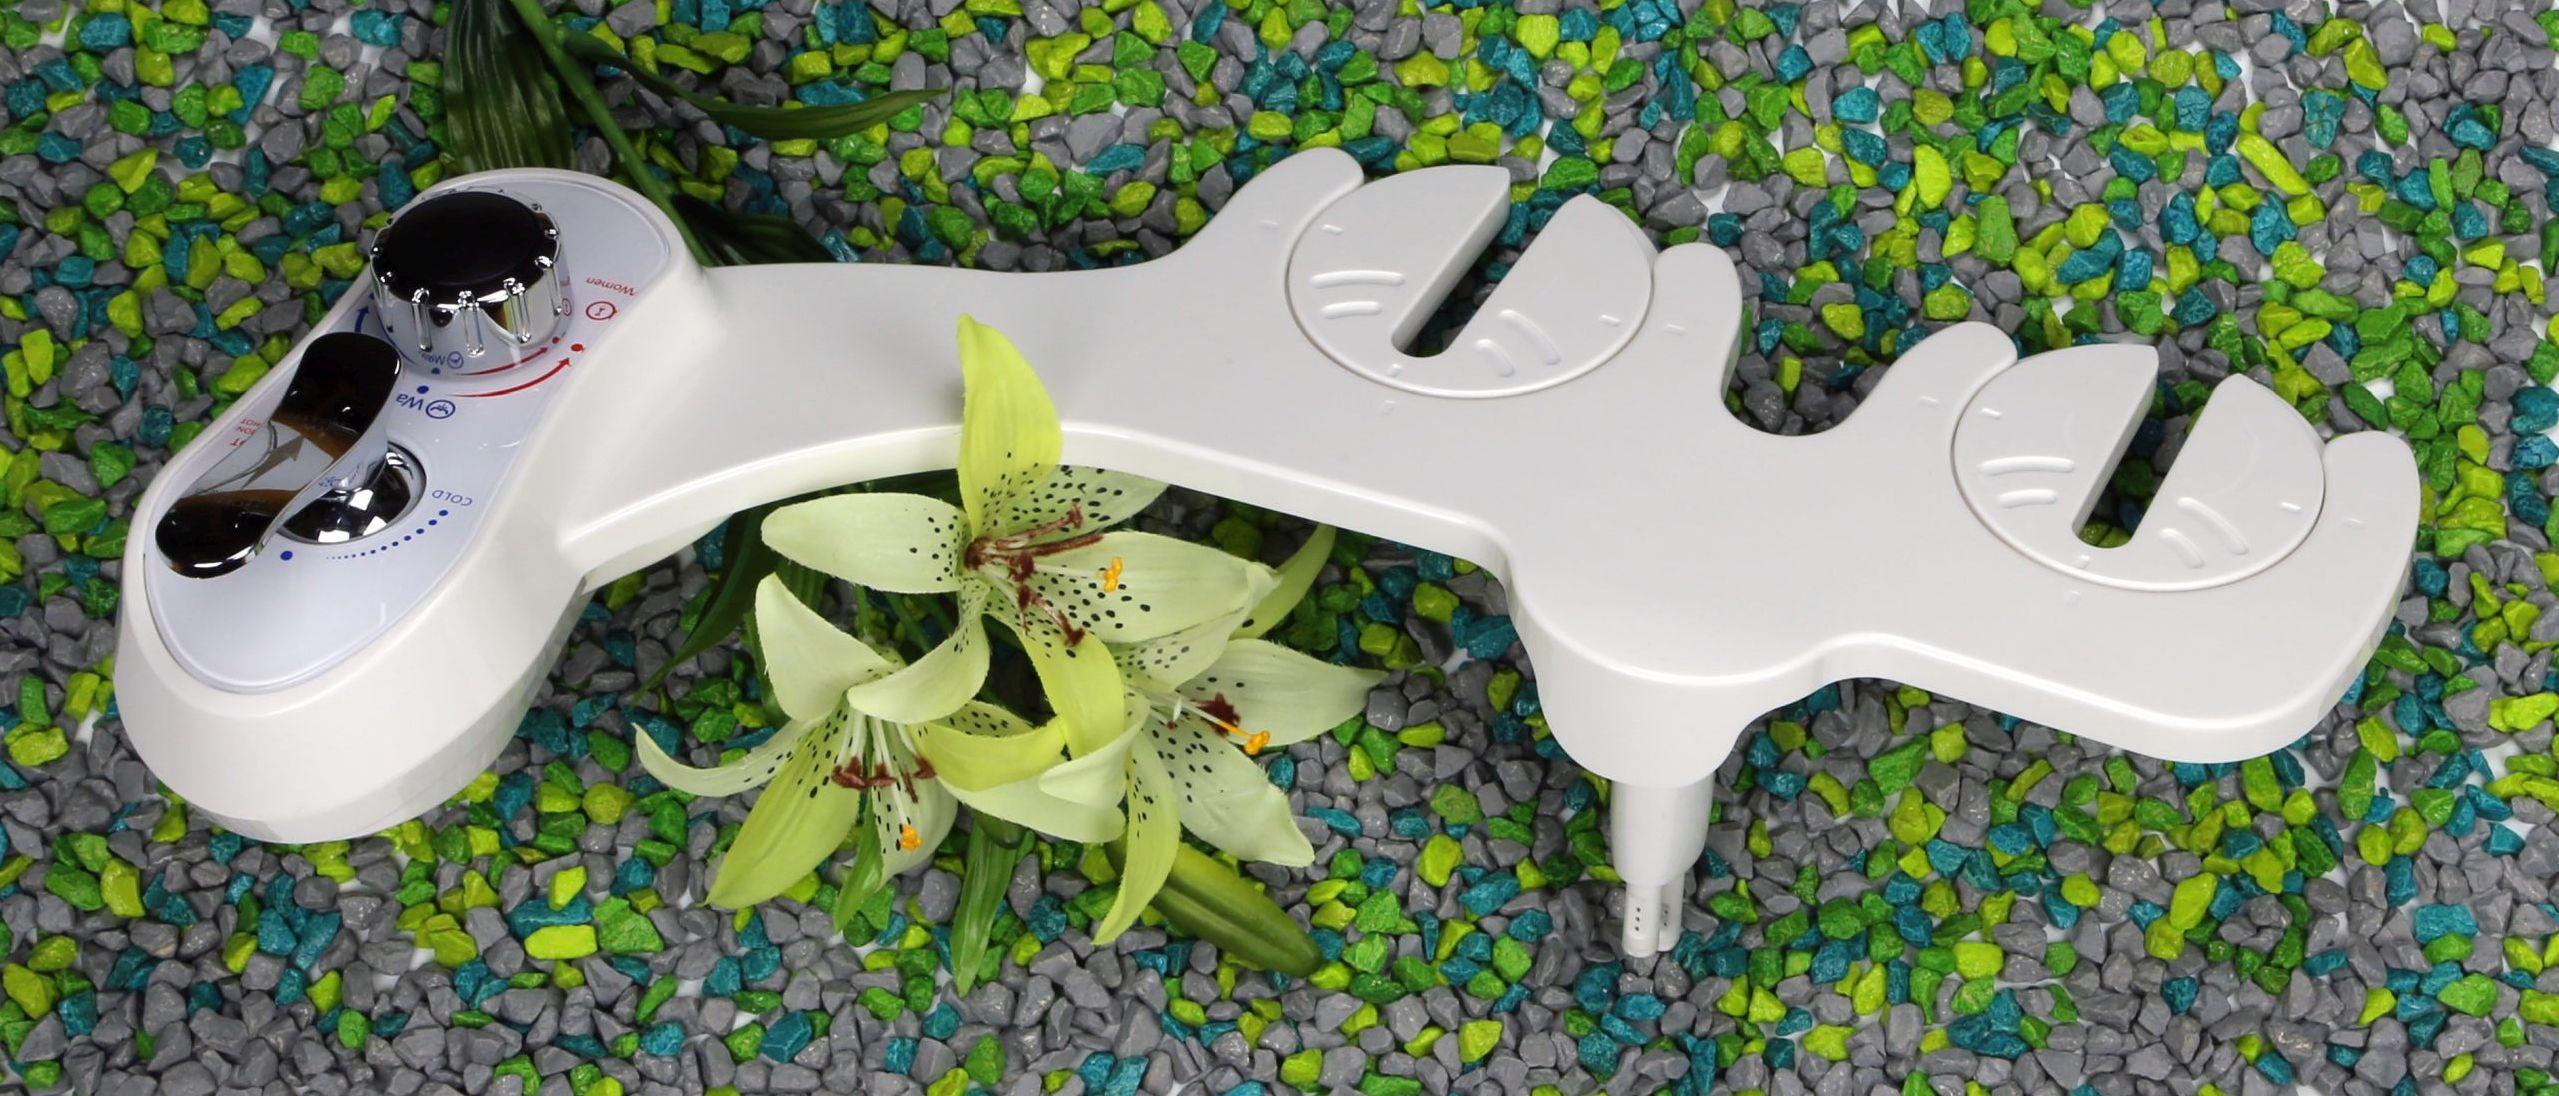 Gadingo Bidet FF-02 Dusch-WC Washlet